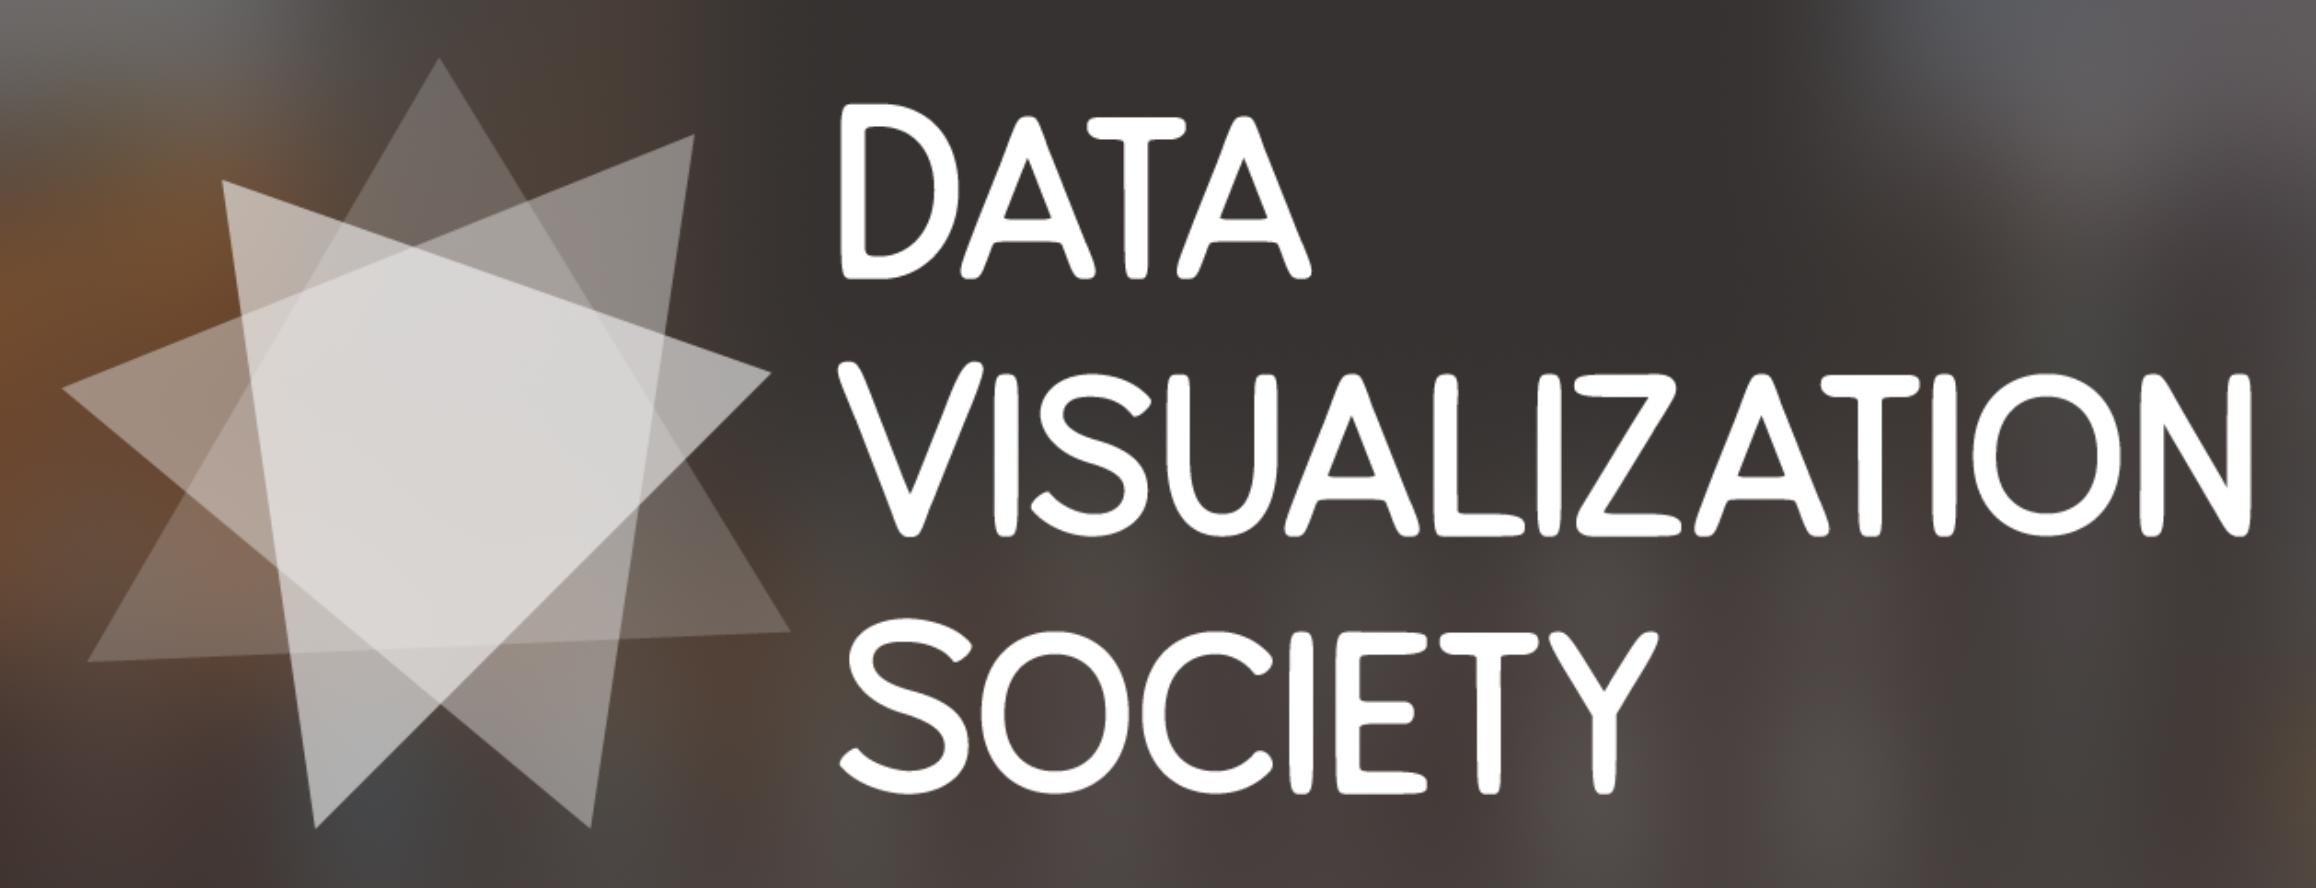 Data Visualization Society white logo